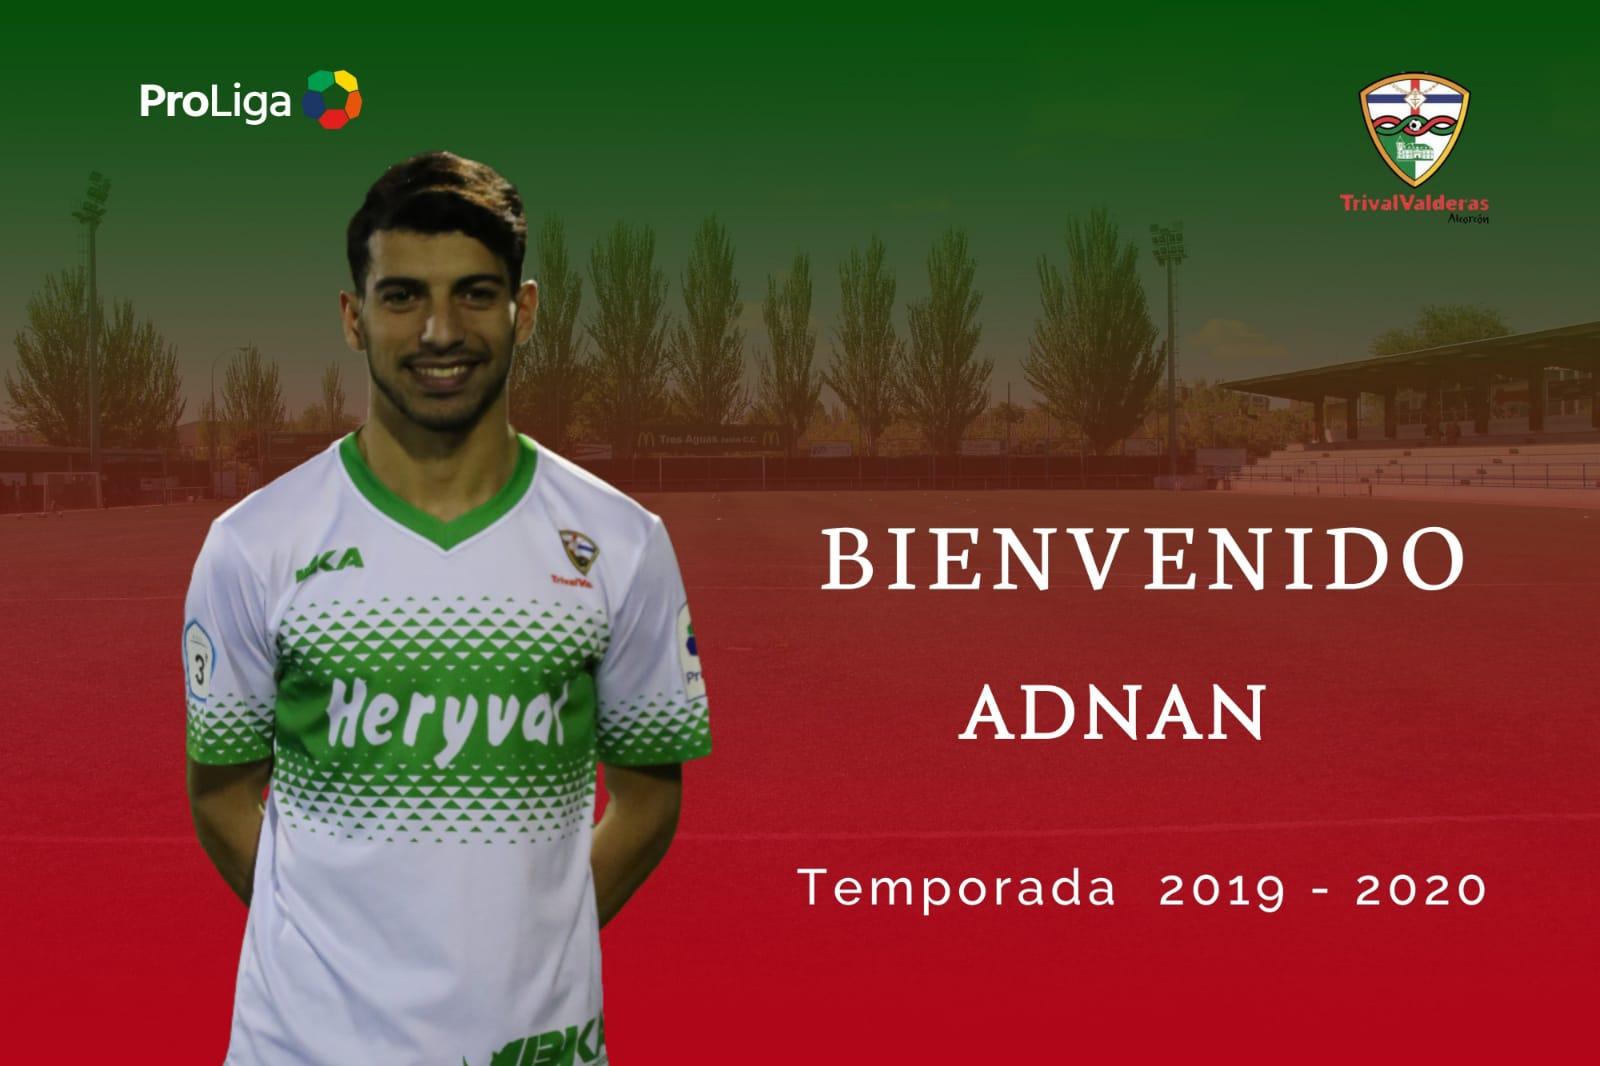 OFICIAL | Adnan, nueva incorporación del Primer Equipo